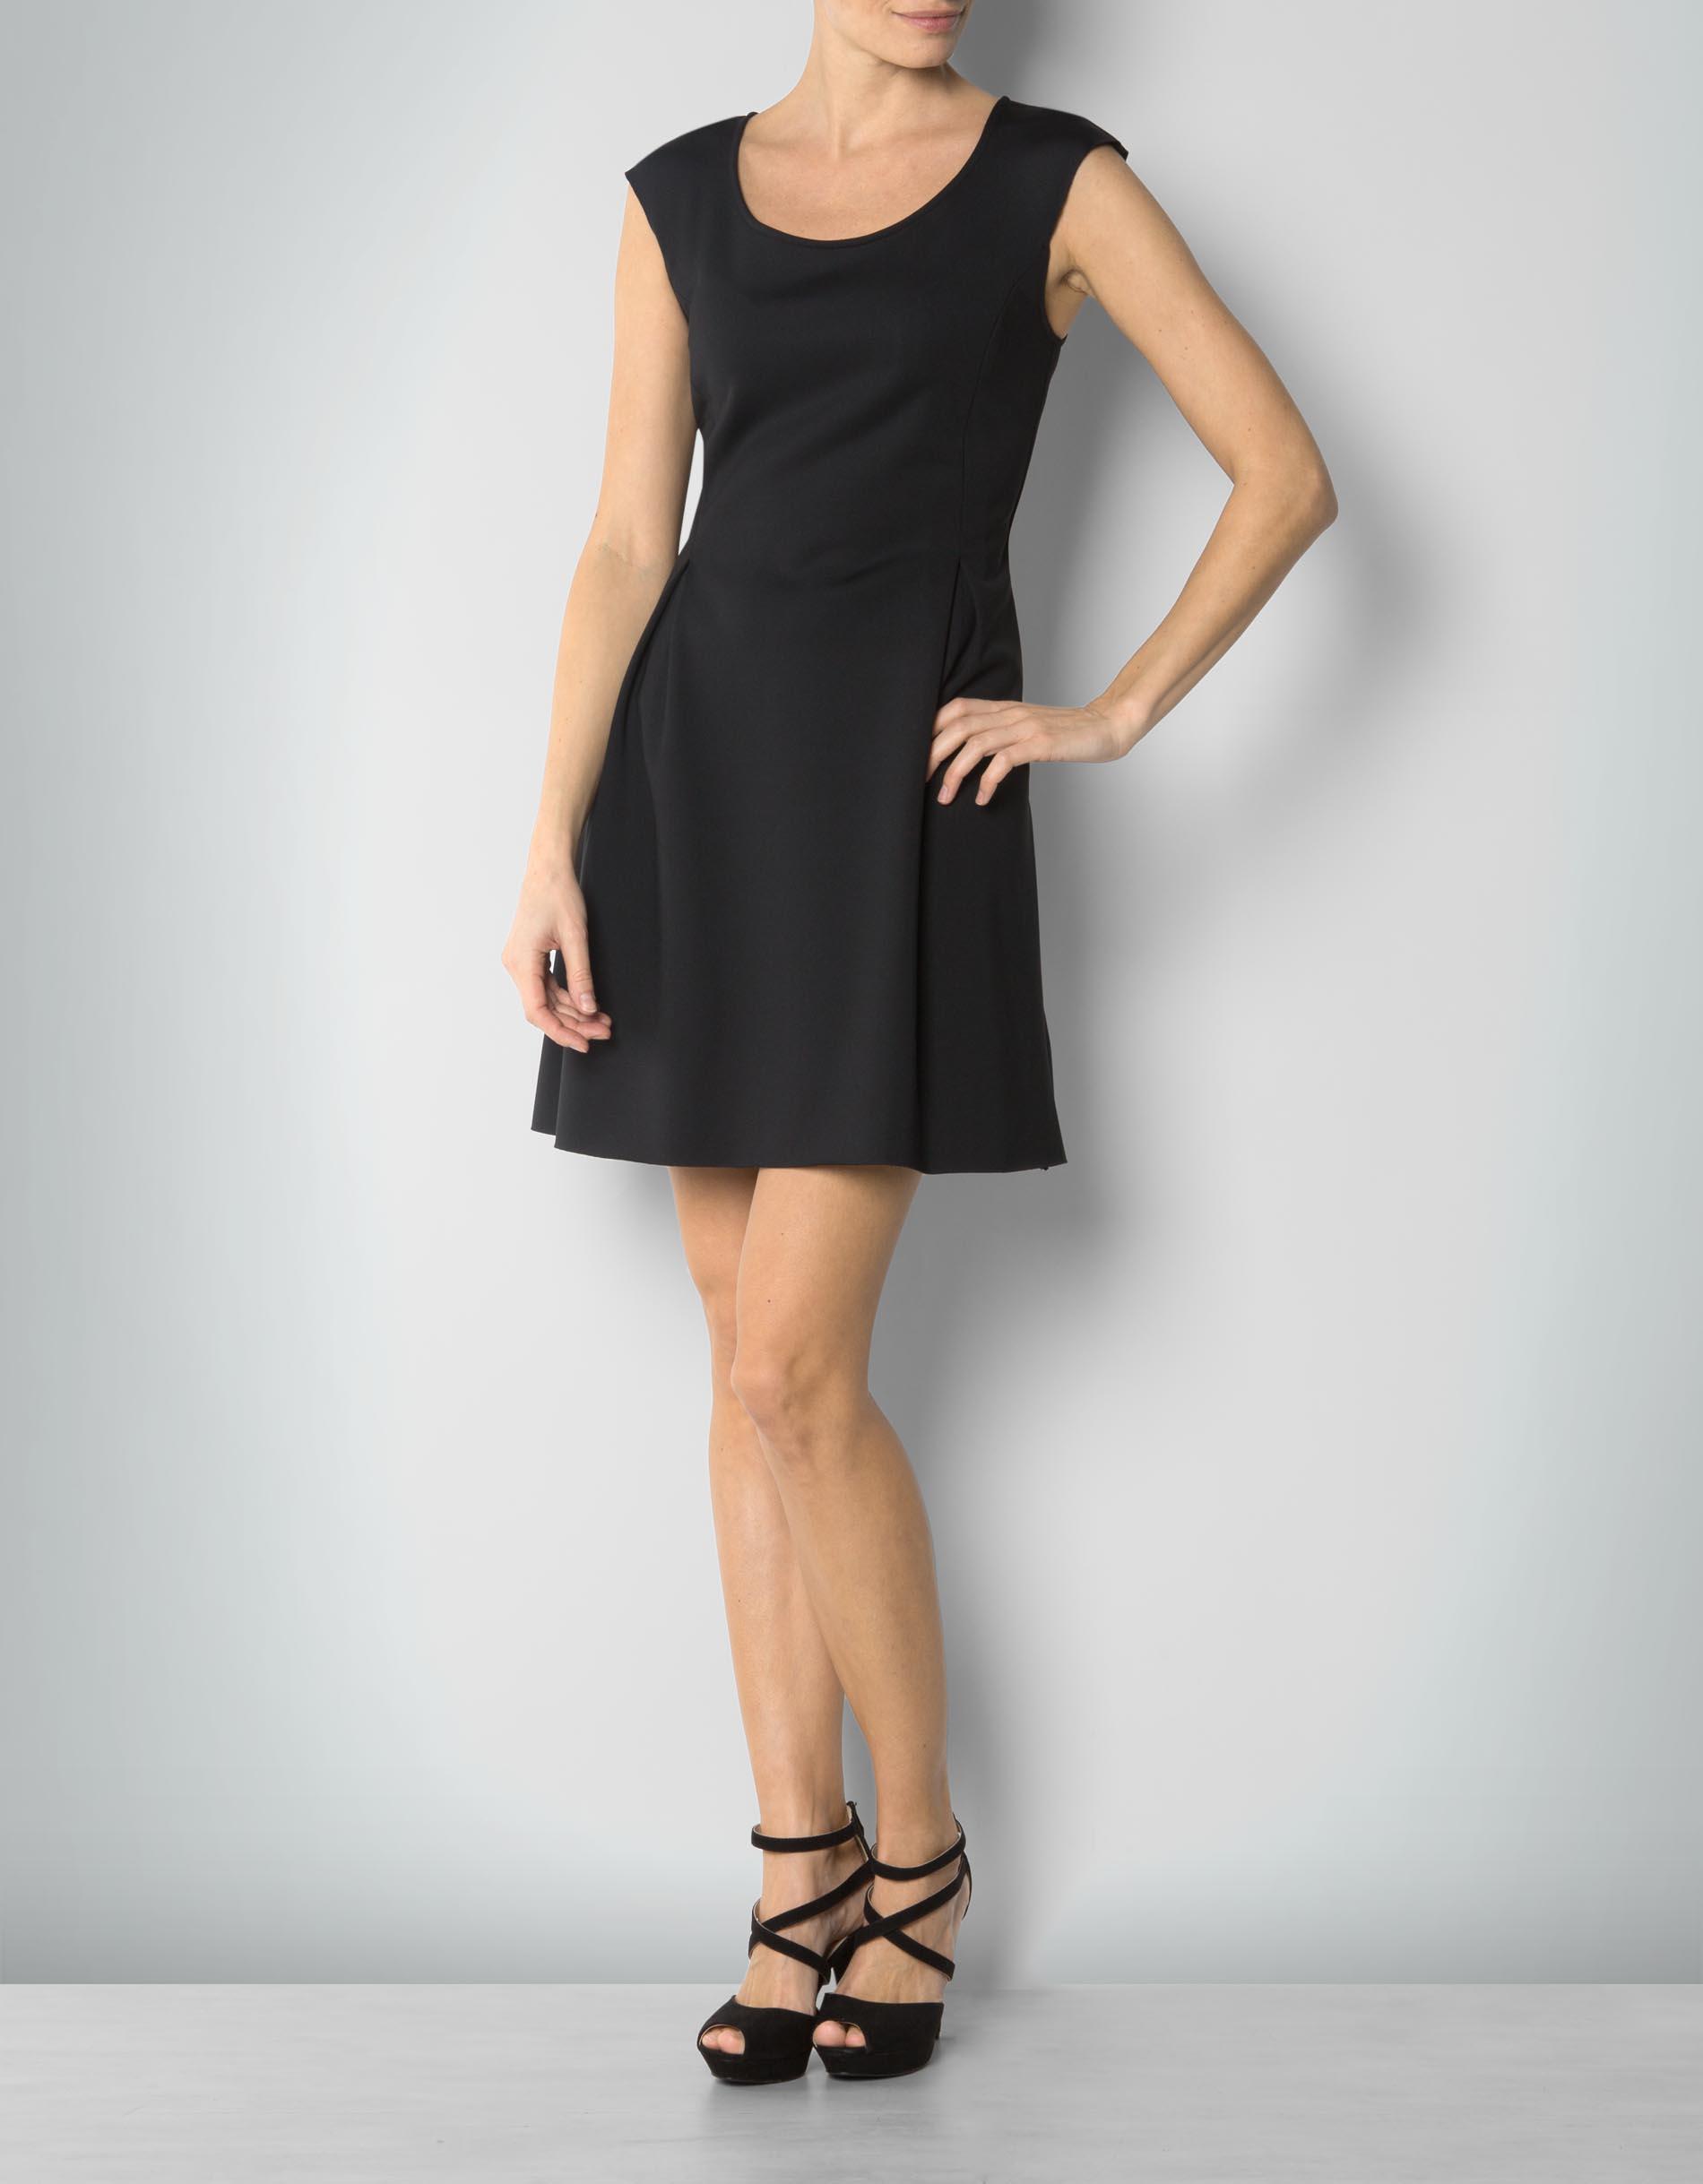 liu jo damen kleid jersey in neopren optik empfohlen von. Black Bedroom Furniture Sets. Home Design Ideas